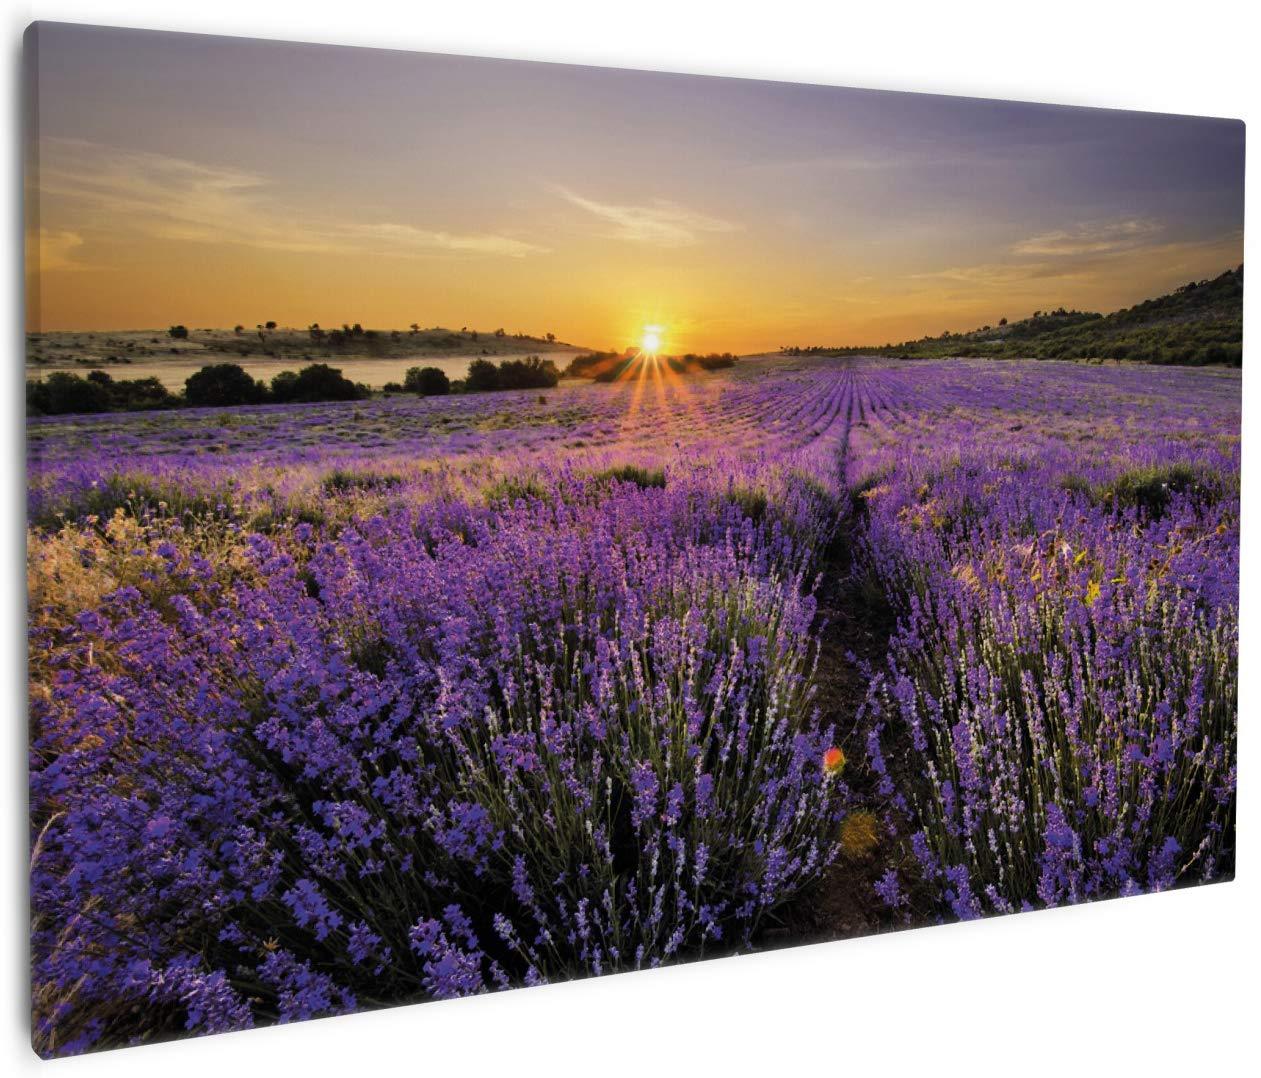 Wallario Leinwandbild Sonnenuntergang über Dem Lavendel - 60 x 90 cm in Premium-Qualität  Brillante lichtechte Farben, Hochauflösend, verzugsfrei